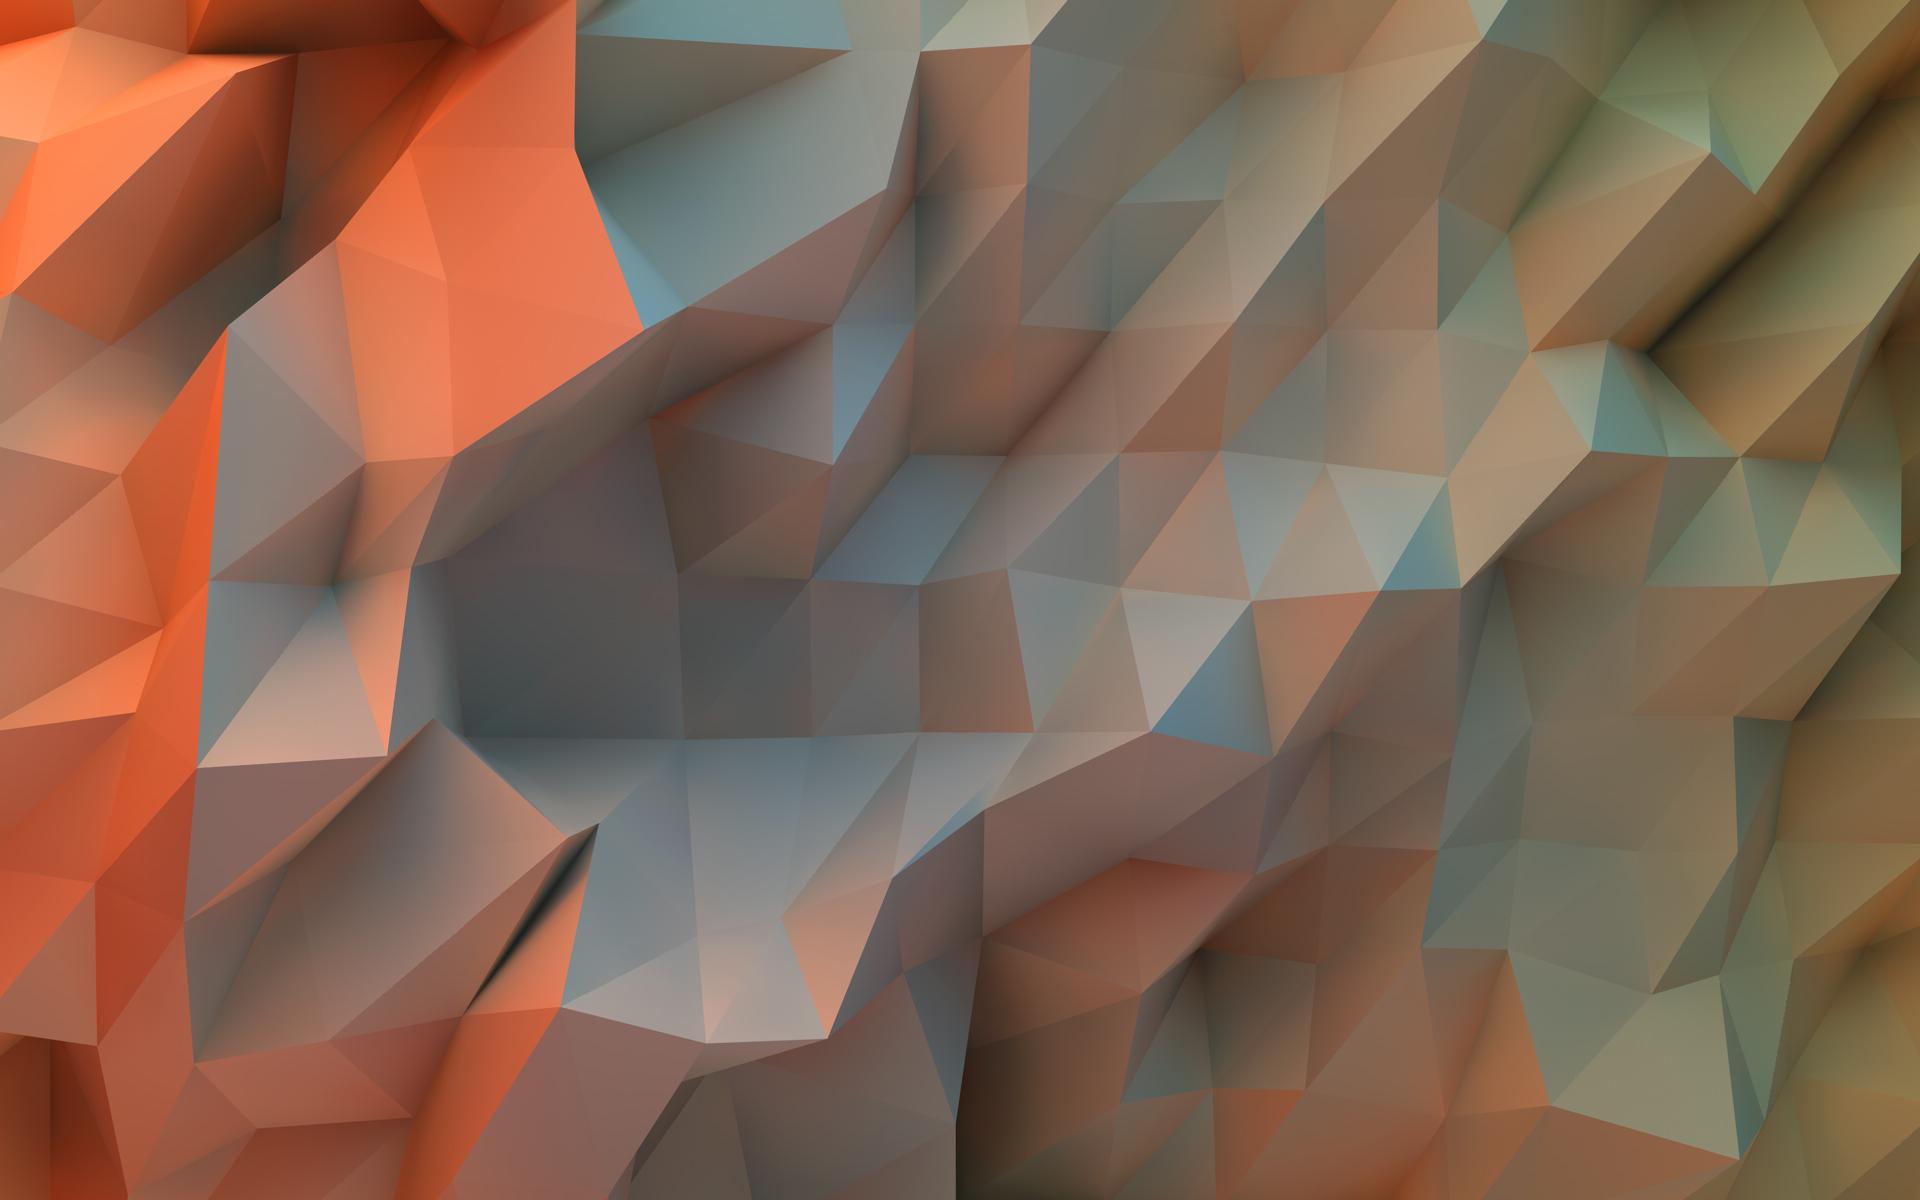 материальный дизайн горы коричнево-серый  № 3216601 бесплатно